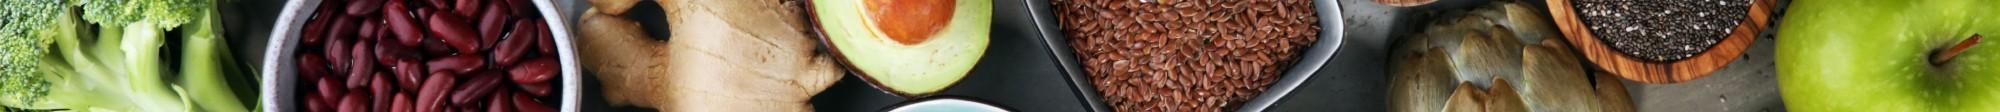 Comprar  productos Cereales Y Semillas | Mixtura Gourmet